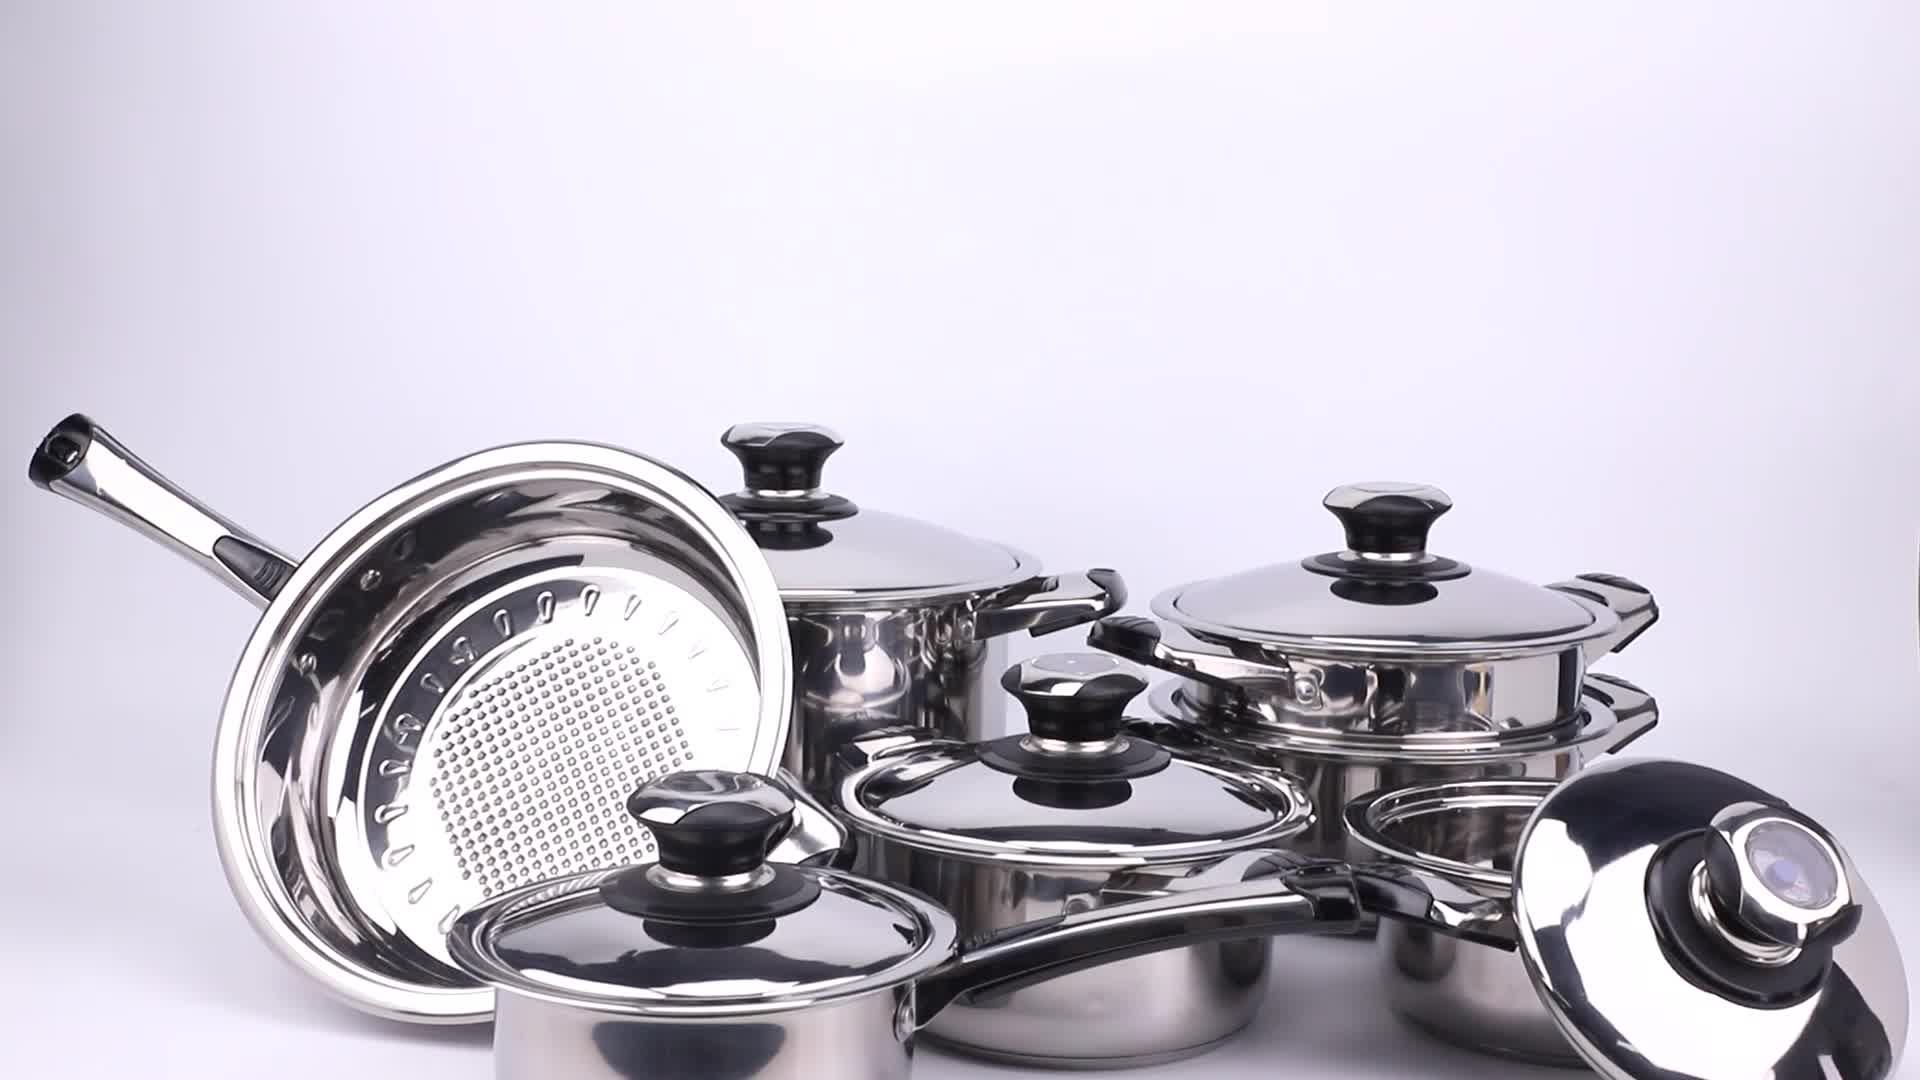 Terbaru Promosi Memasak Pot Set Peralatan Masak 12 Pcs Stainless Steel Peralatan Masak Set dengan Thermometer Tombol